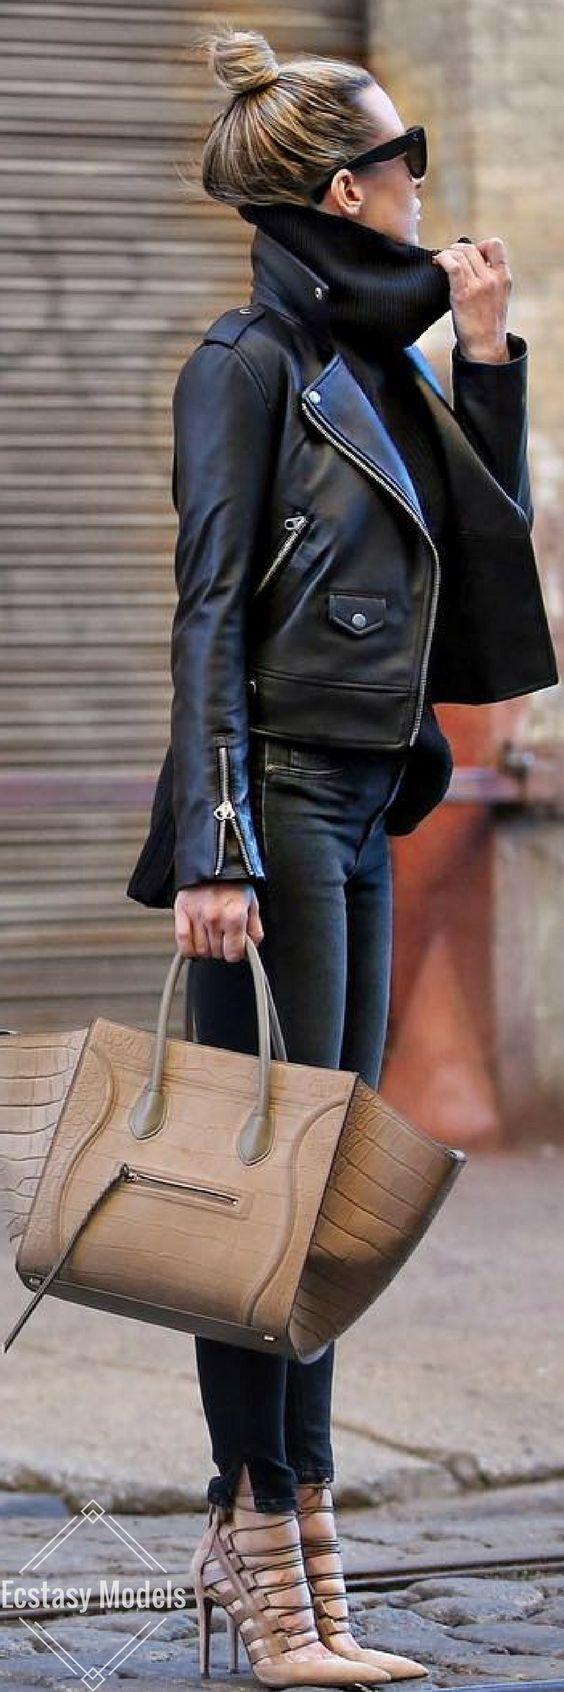 Black & Neutral // Fashion Look by Brooklyn Blonde